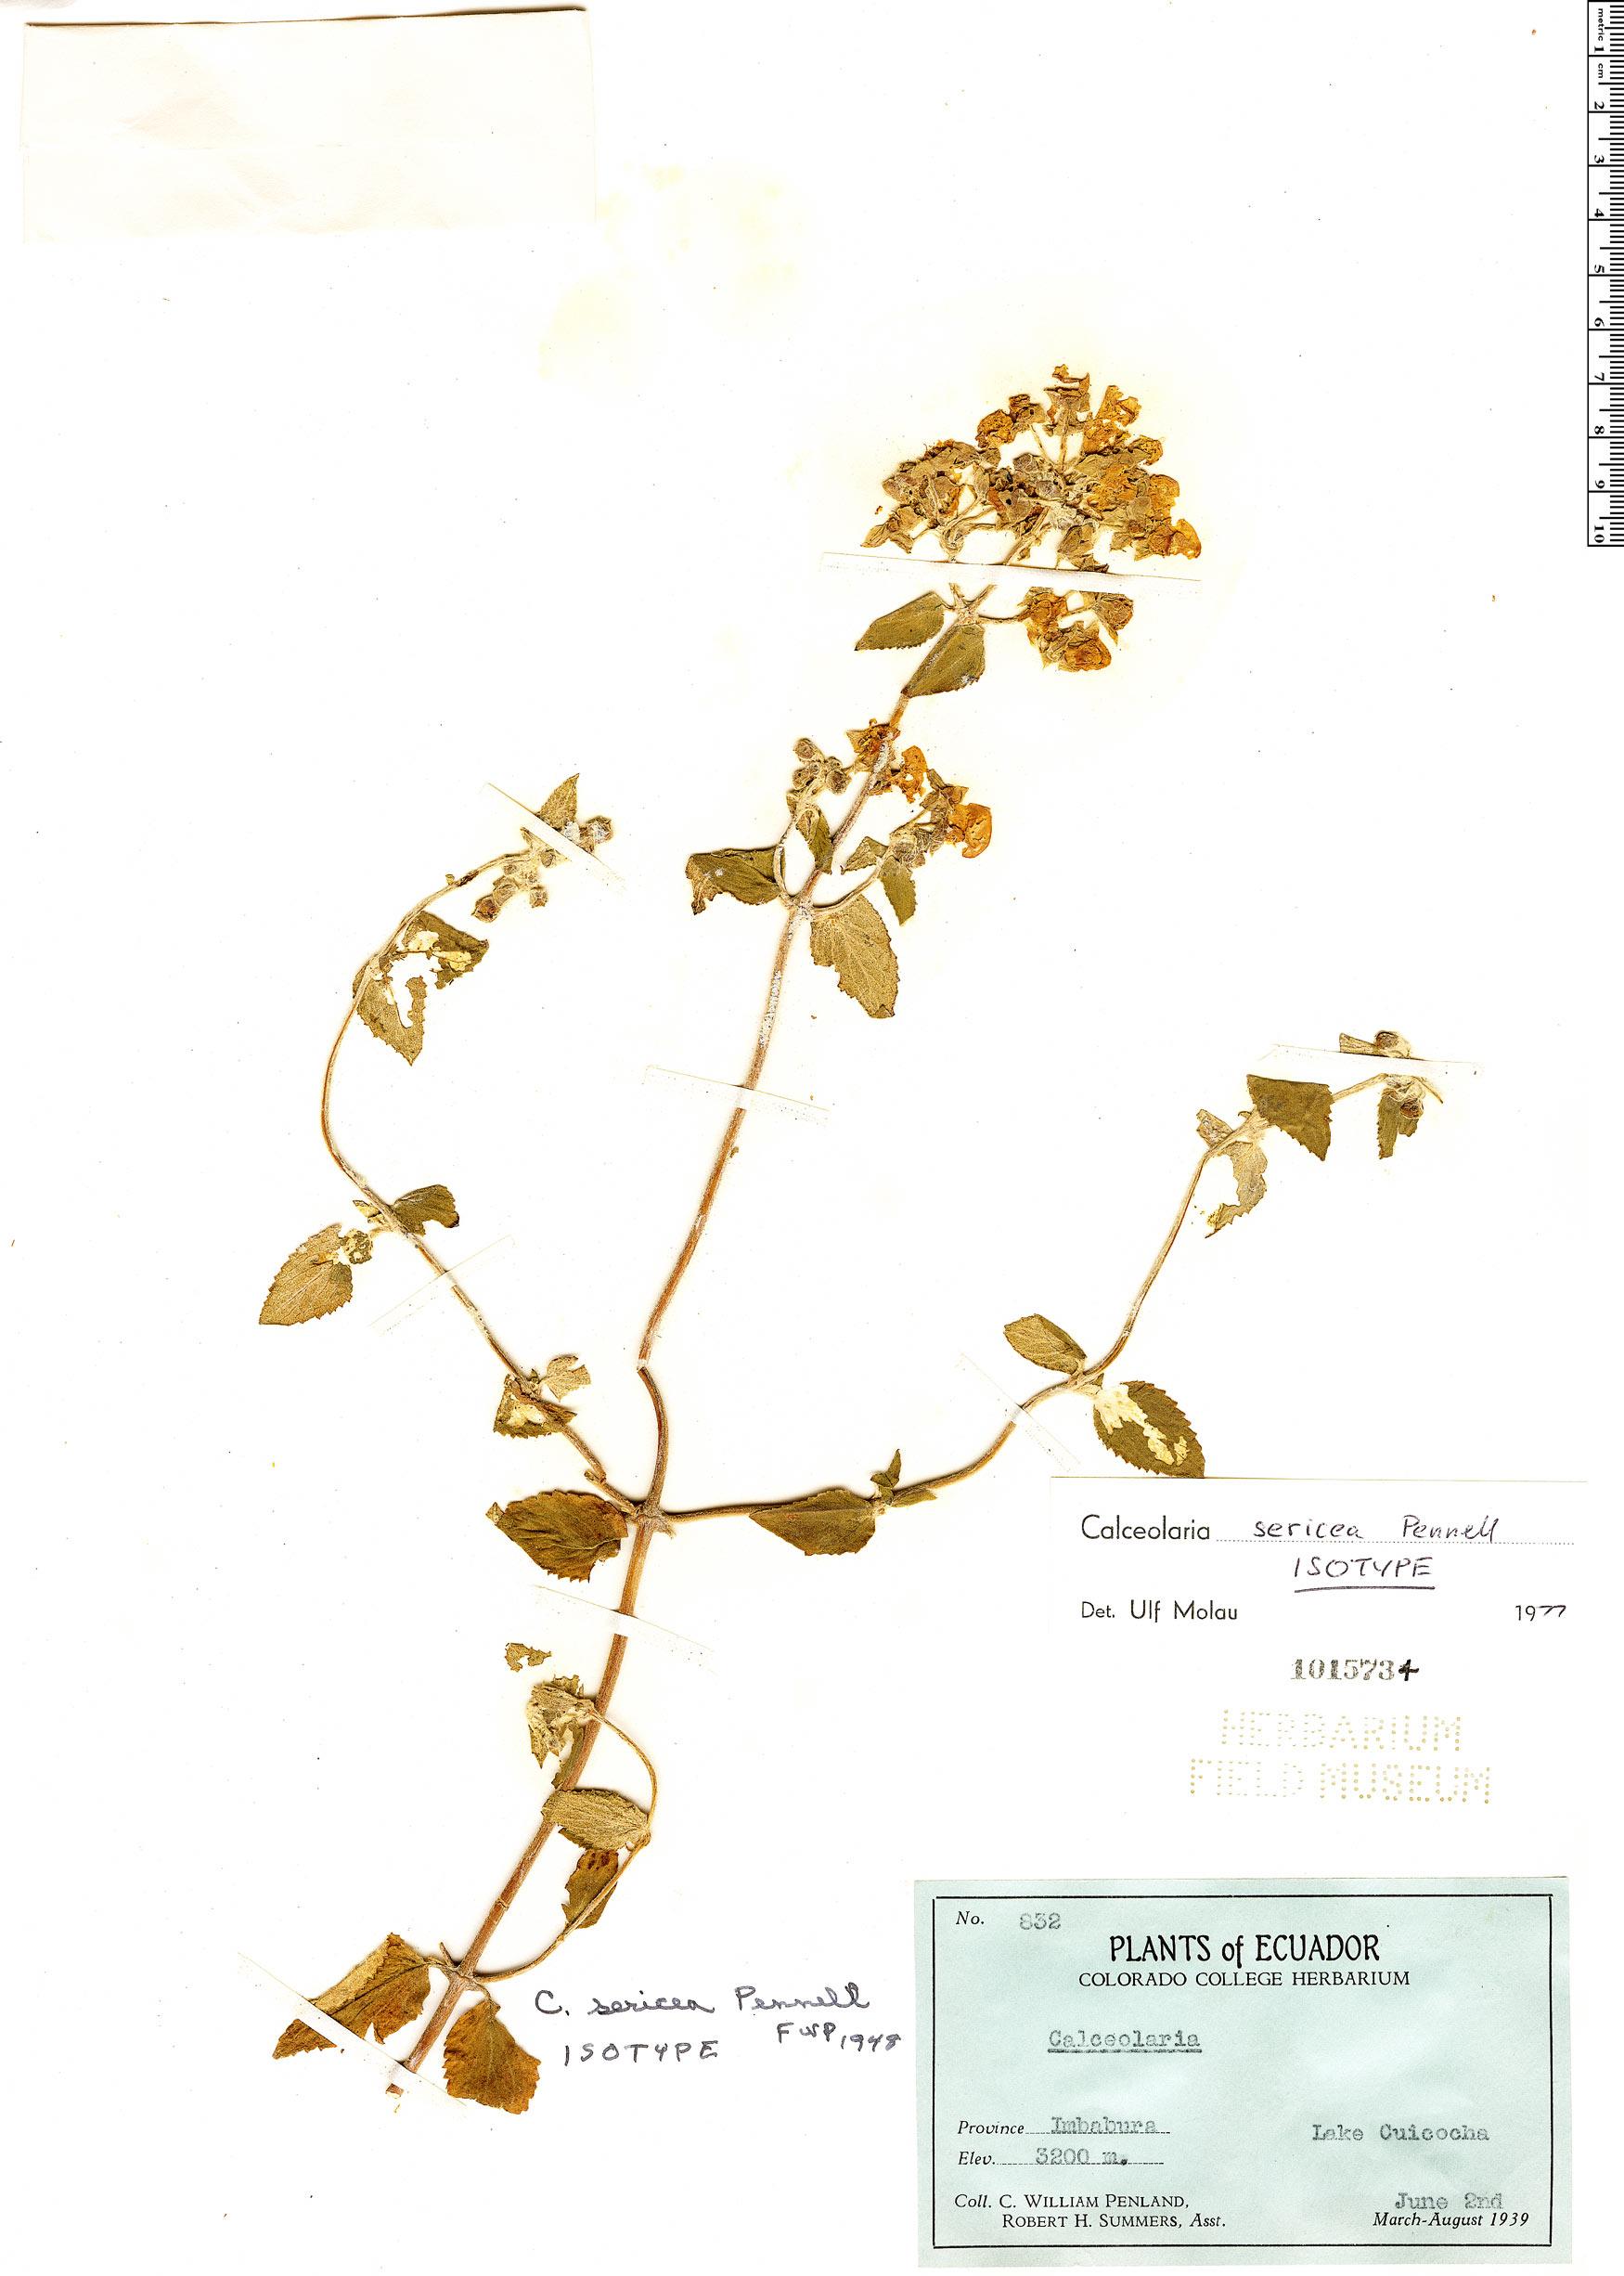 Specimen: Calceolaria sericea